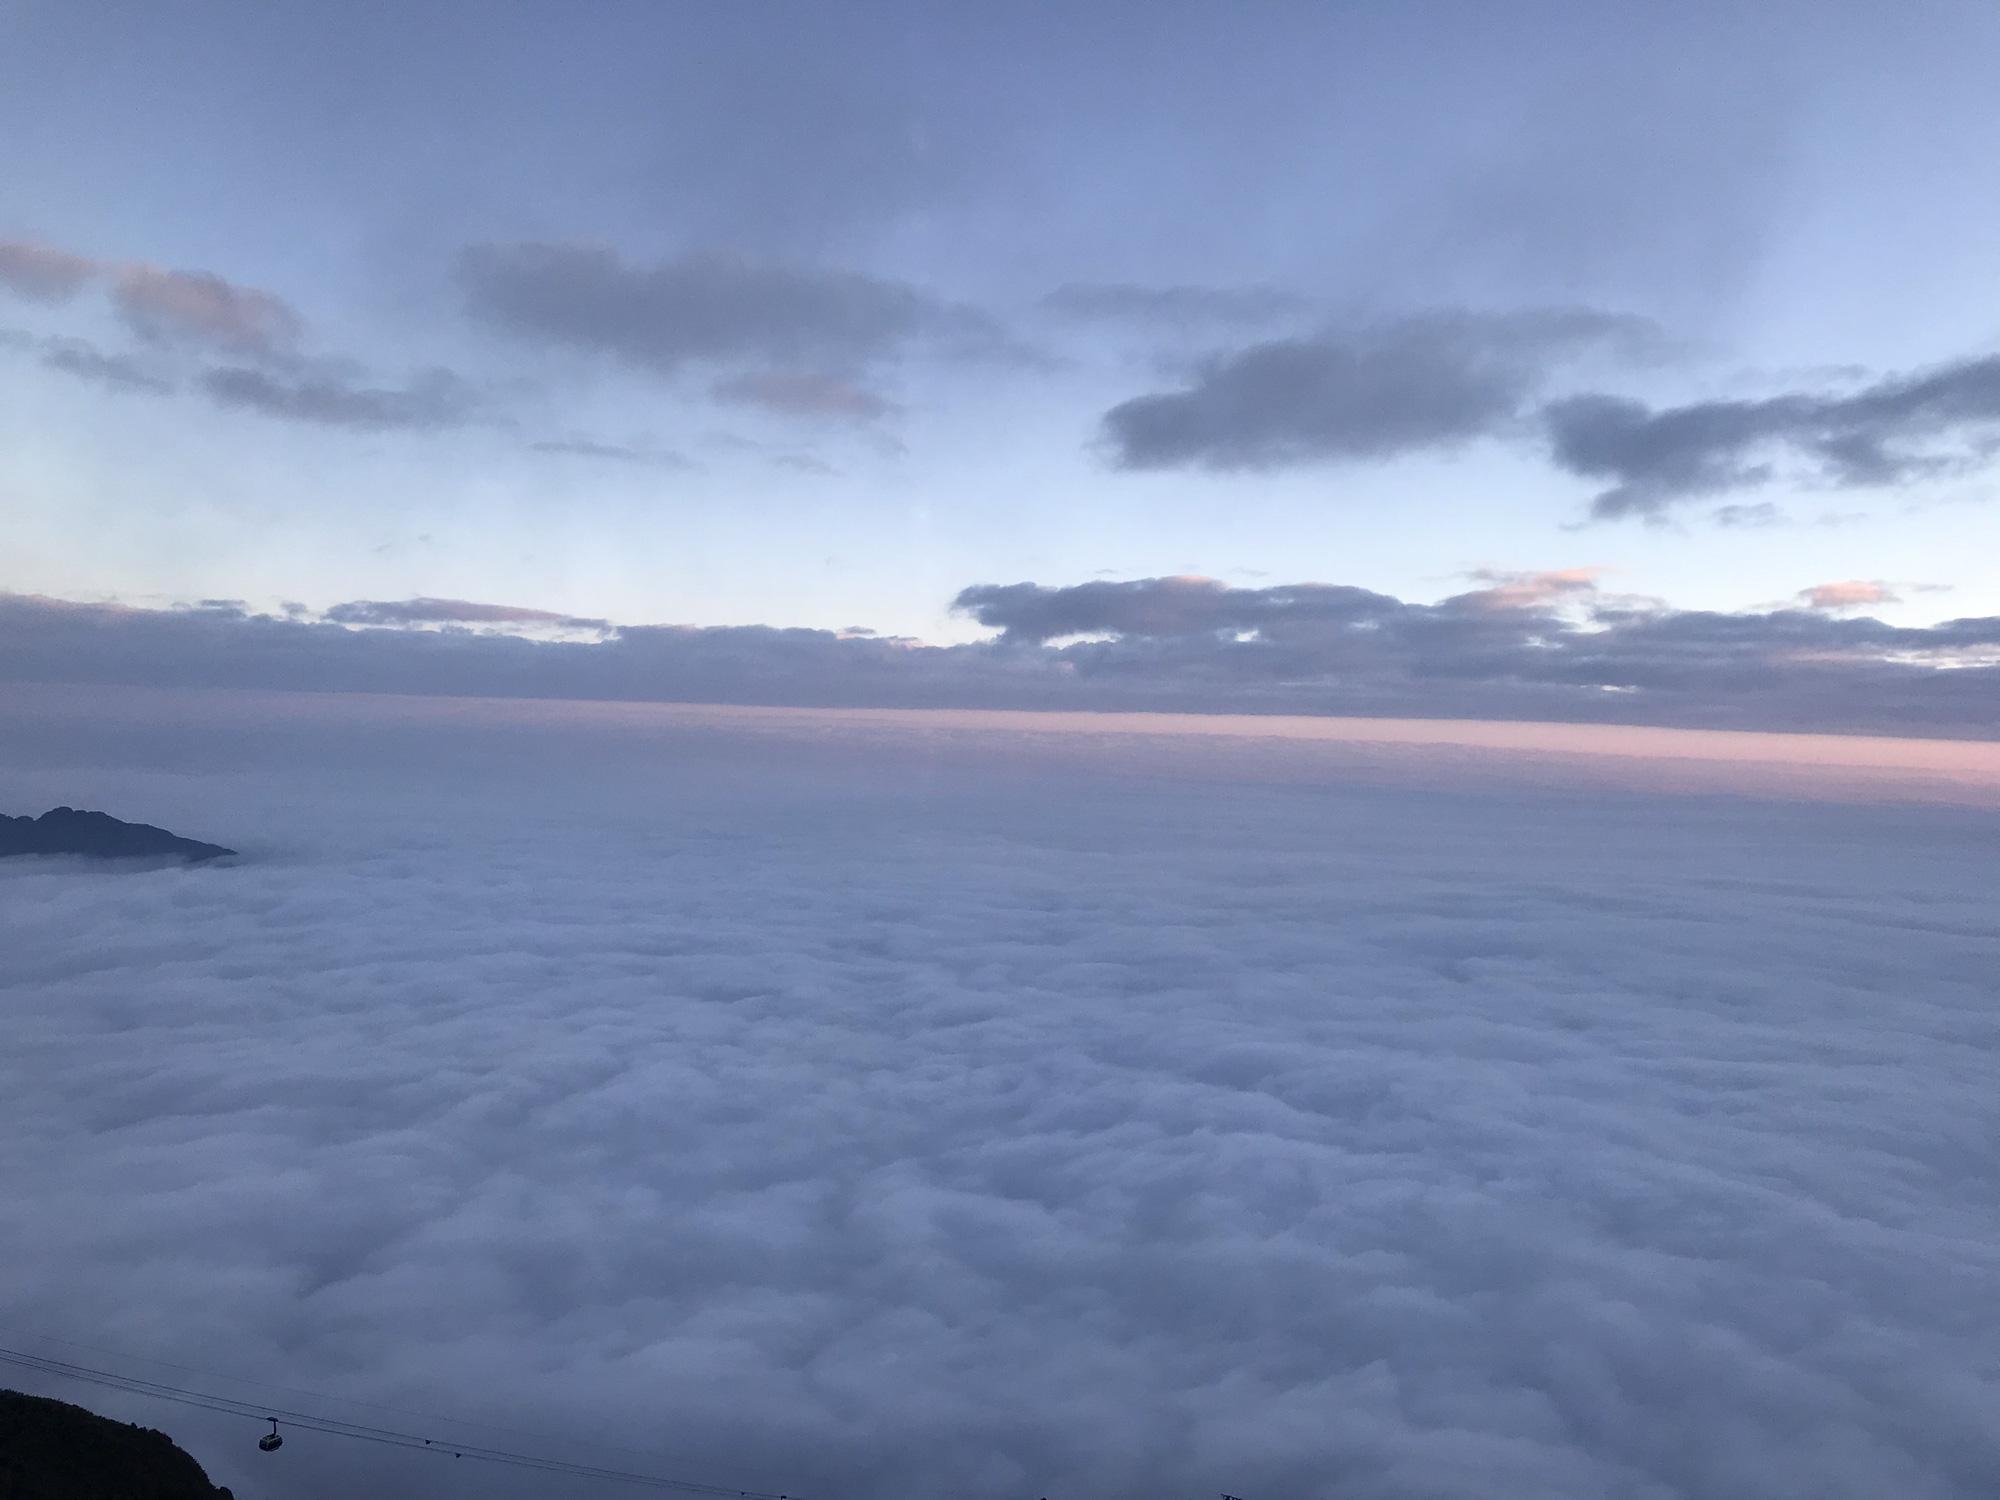 Lào Cai: Đỉnh Fansipan đã xuất hiện băng giá, không khí lạnh tăng cường bao trùm miền Bắc - Ảnh 2.